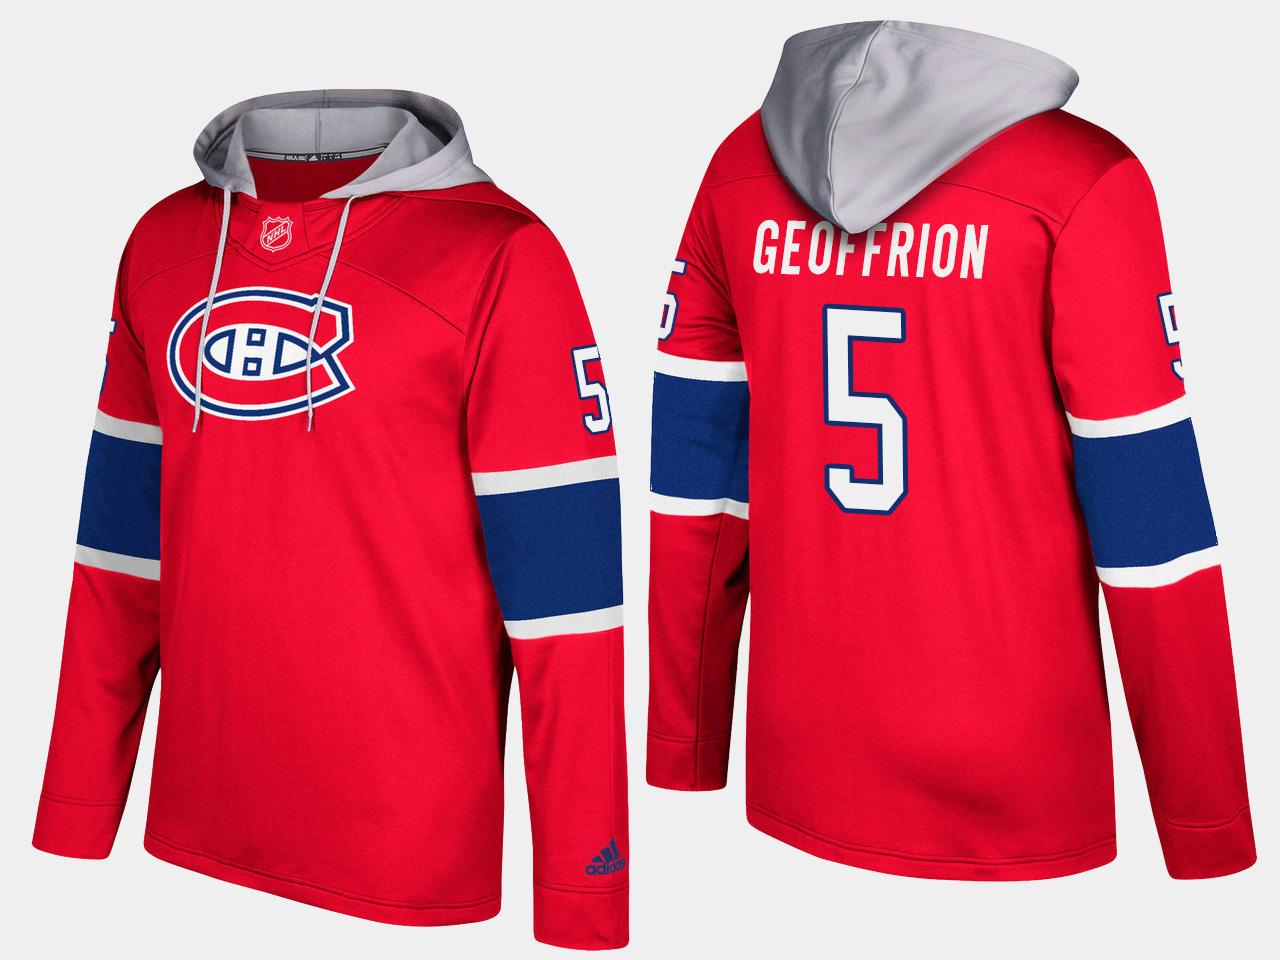 Canadiens #5 Bernie Geoffrion Red Name And Number Hoodie